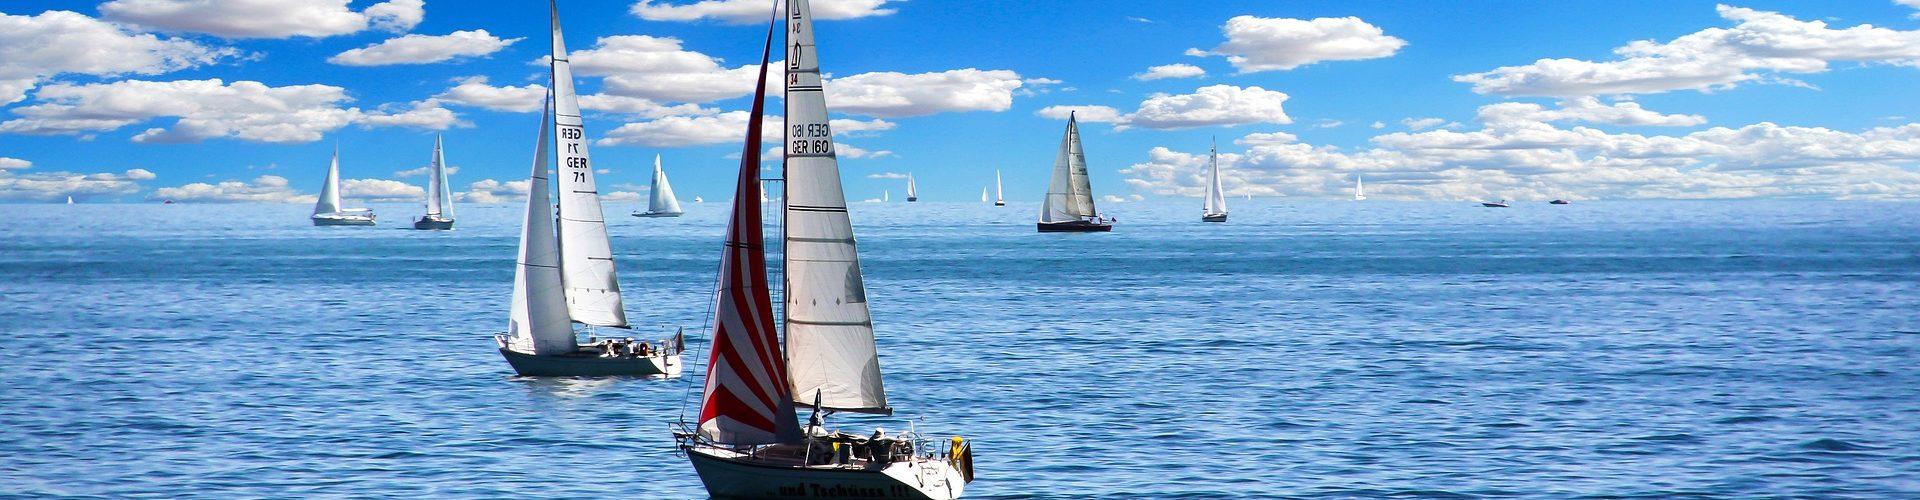 segeln lernen in Mücheln Geiseltal segelschein machen in Mücheln Geiseltal 1920x500 - Segeln lernen in Mücheln (Geiseltal)